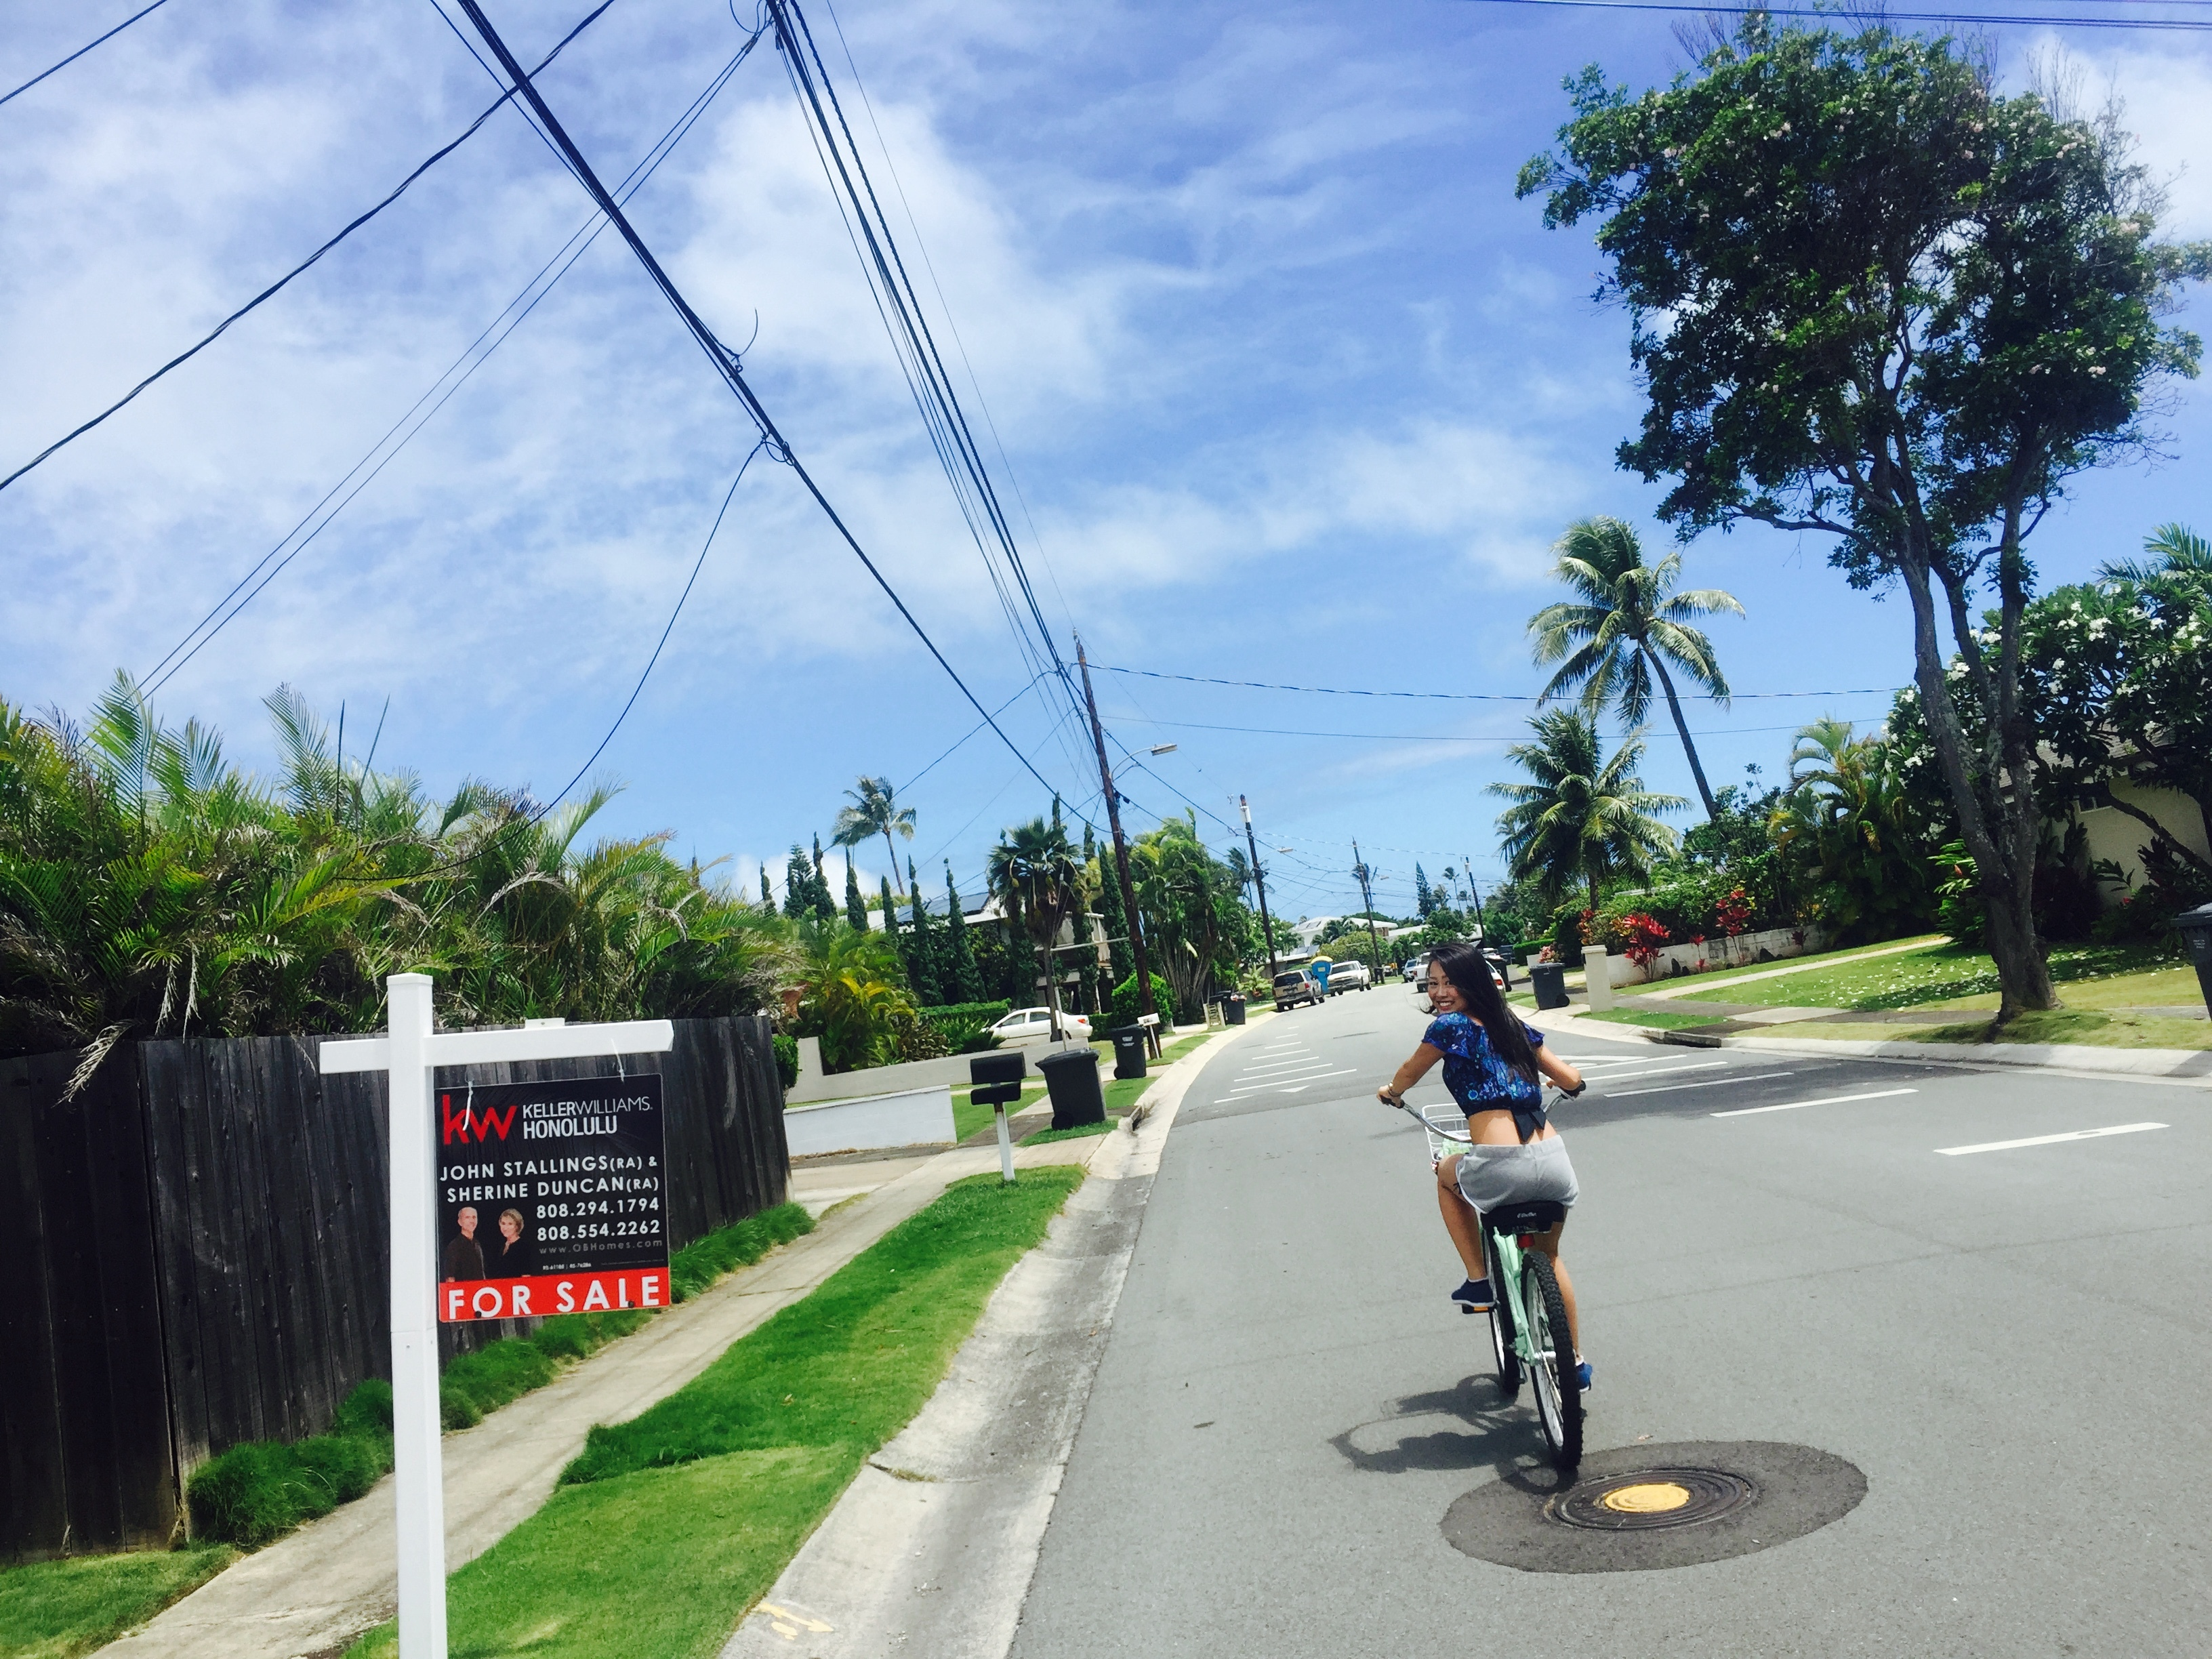 ハワイの住宅街